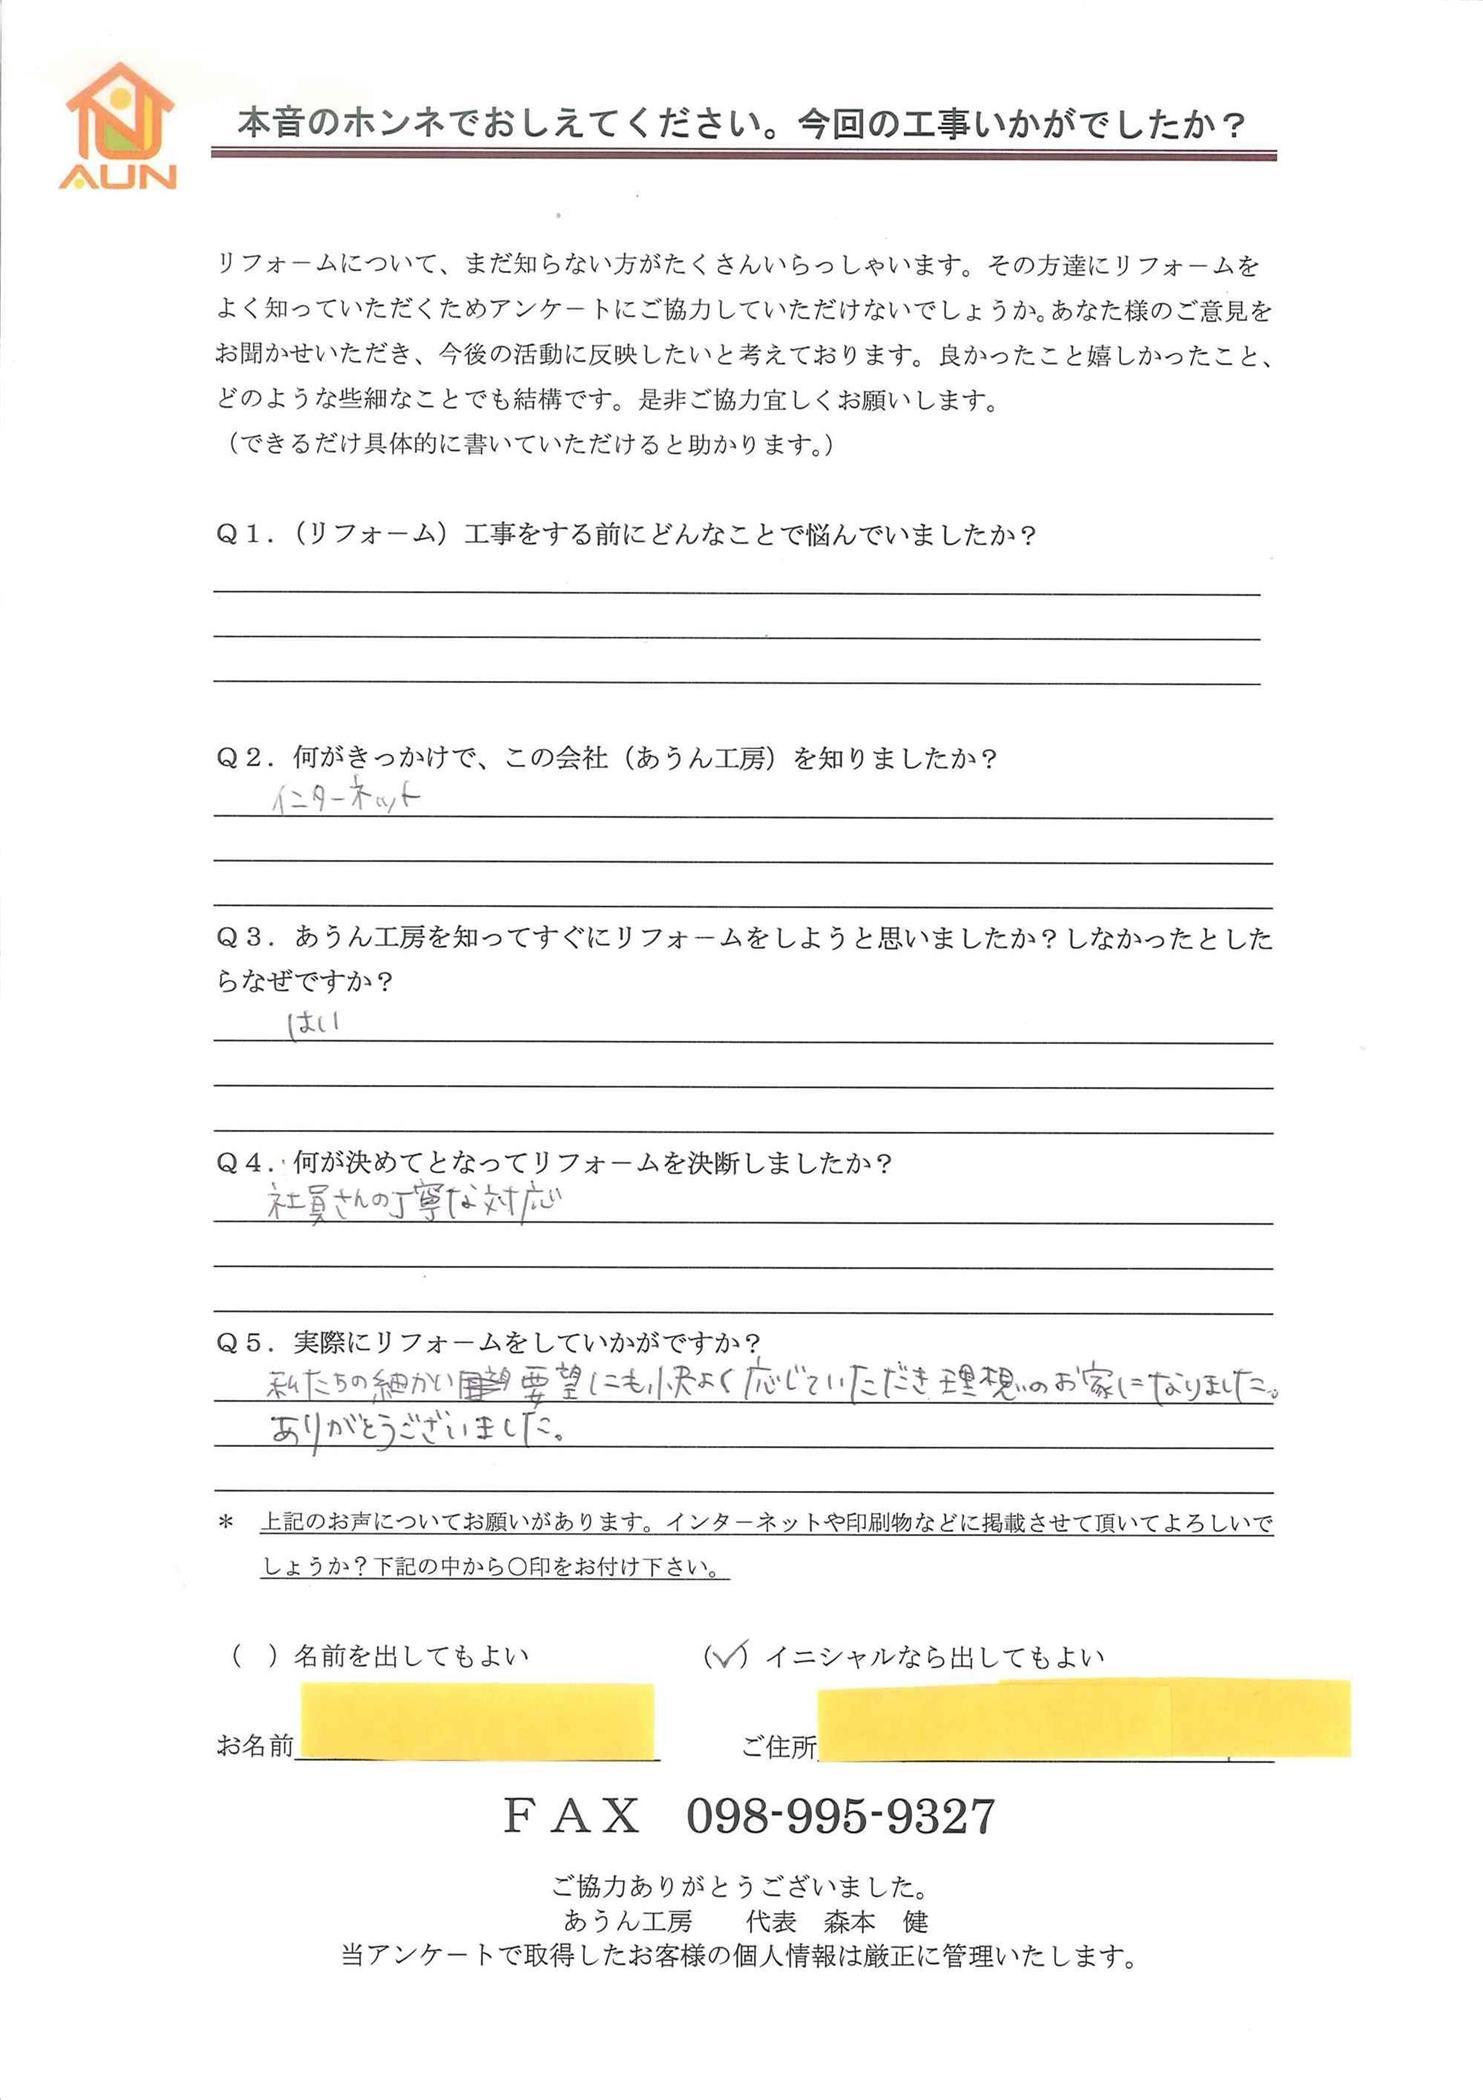 沖縄・那覇のリフォーム 実際のアンケートの画像:社員さんの丁寧な対応